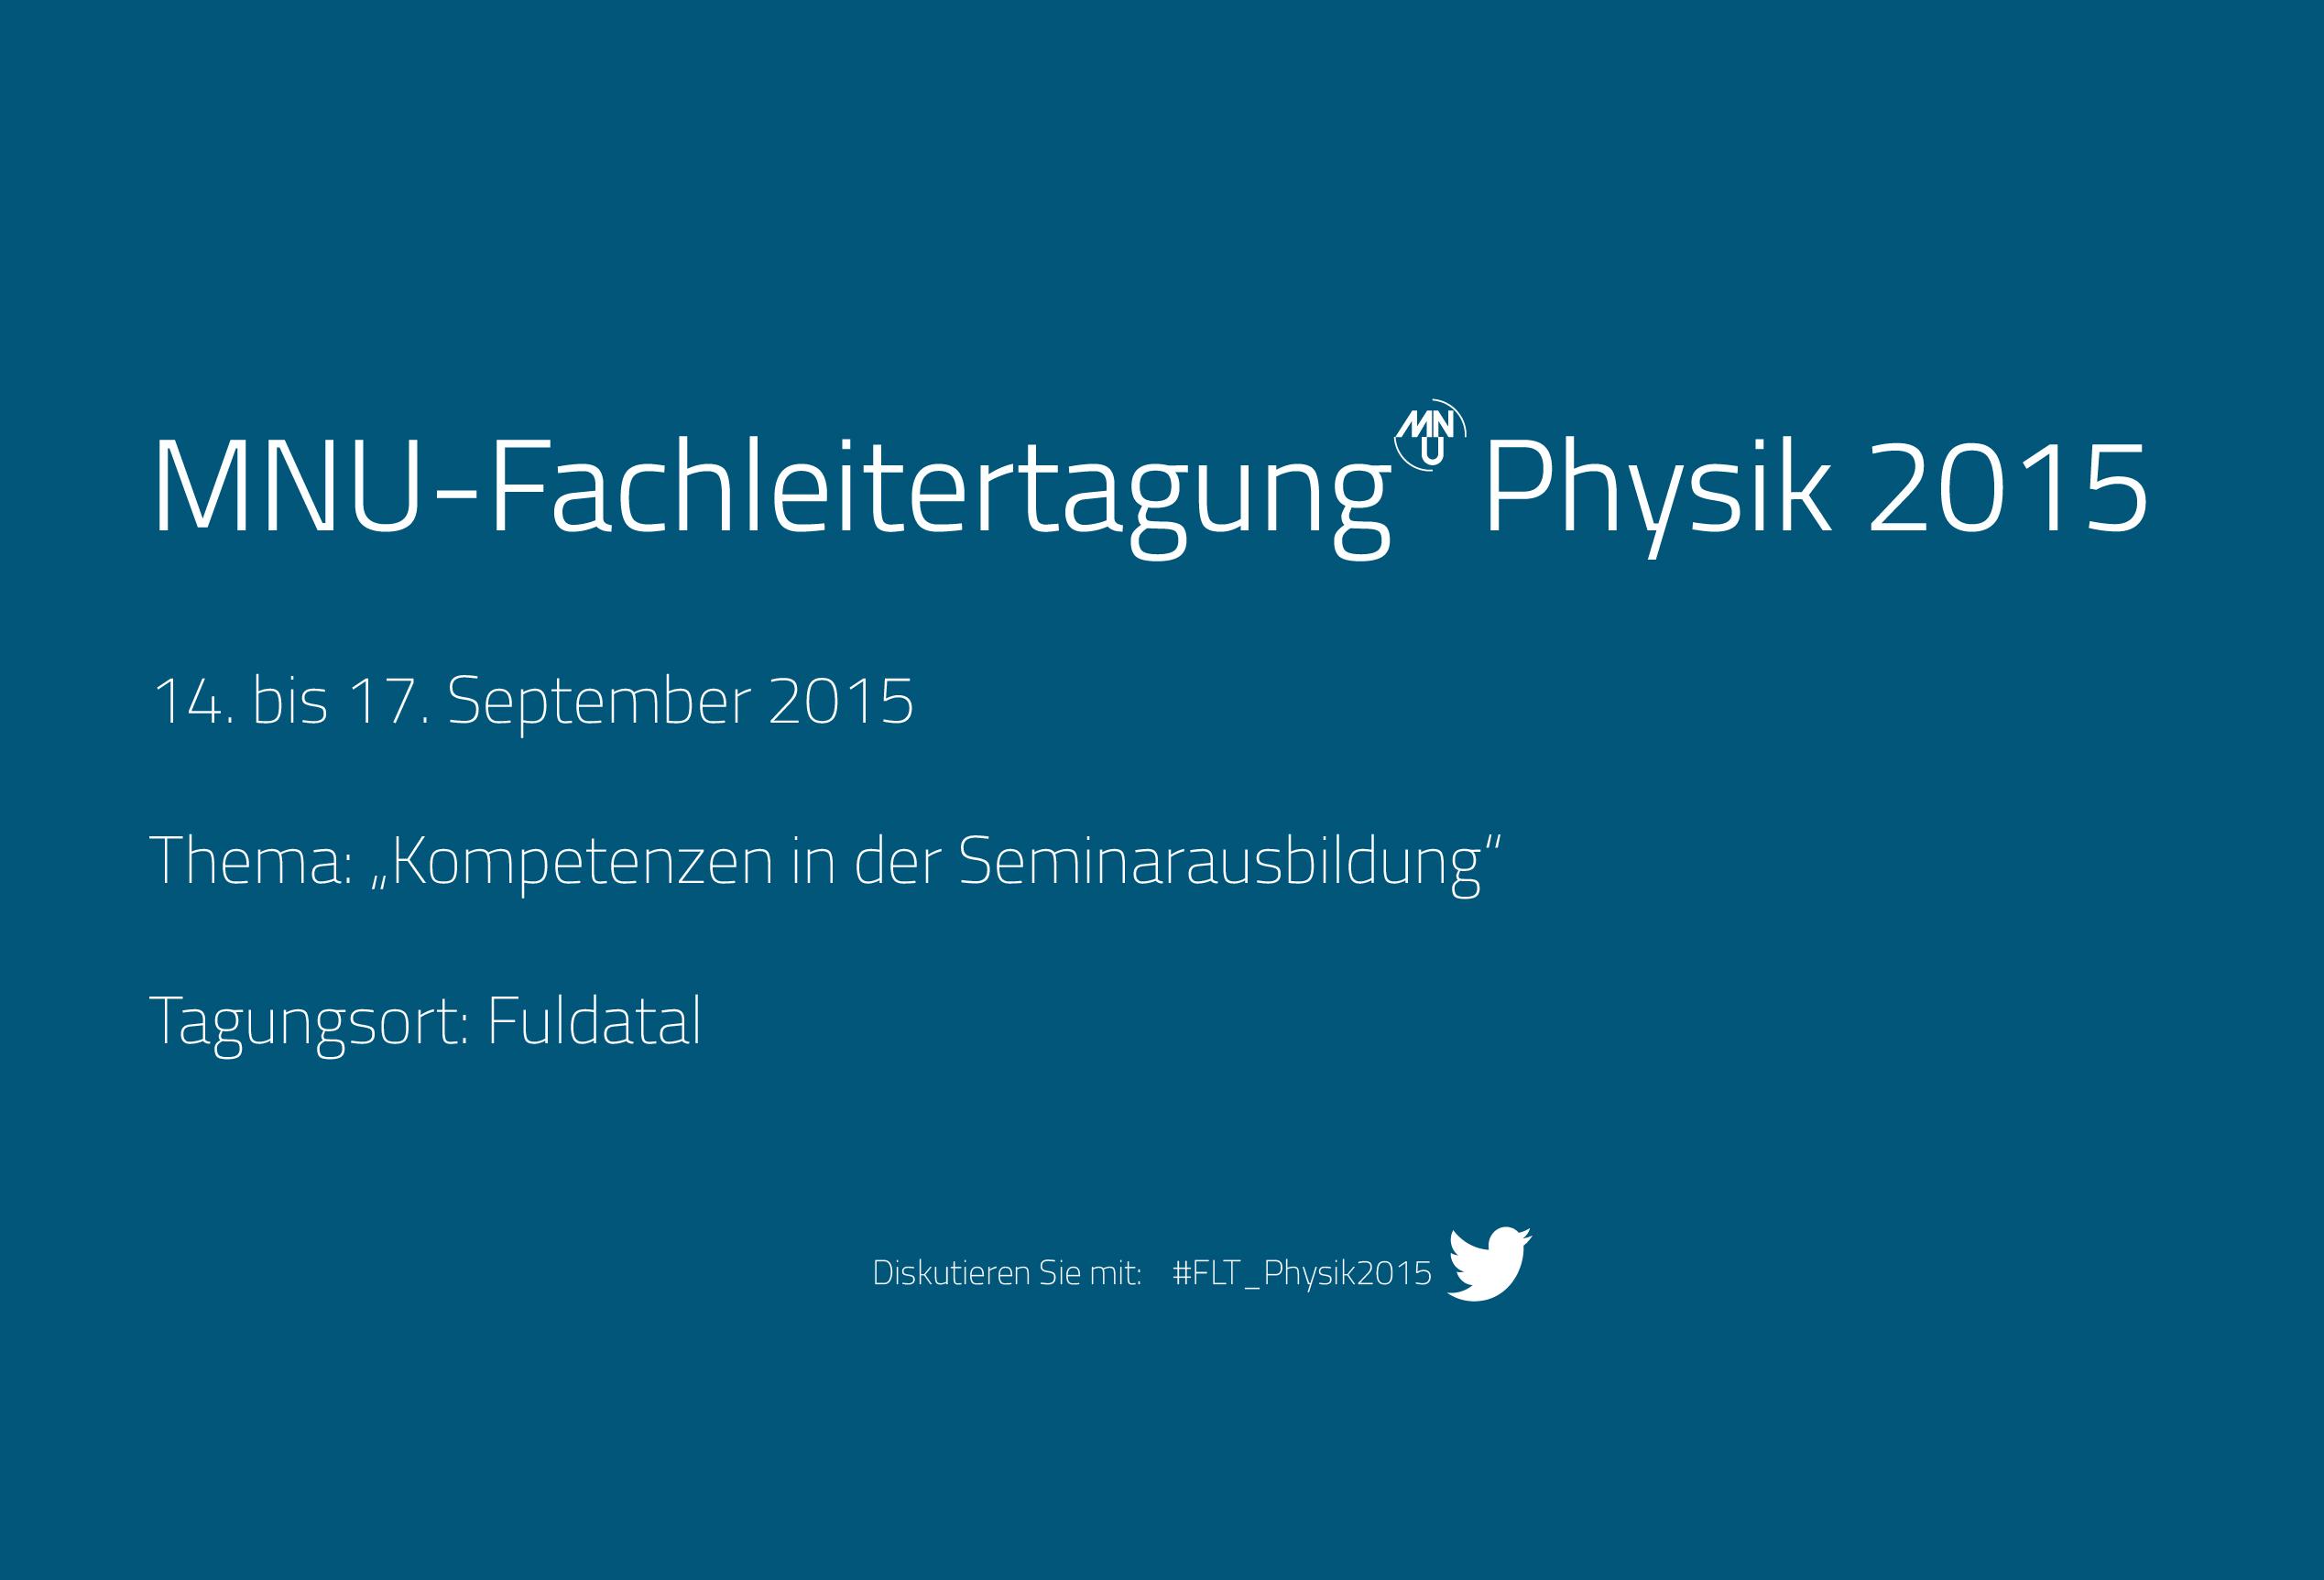 16. Fachleitertagung für Physik im September 2015